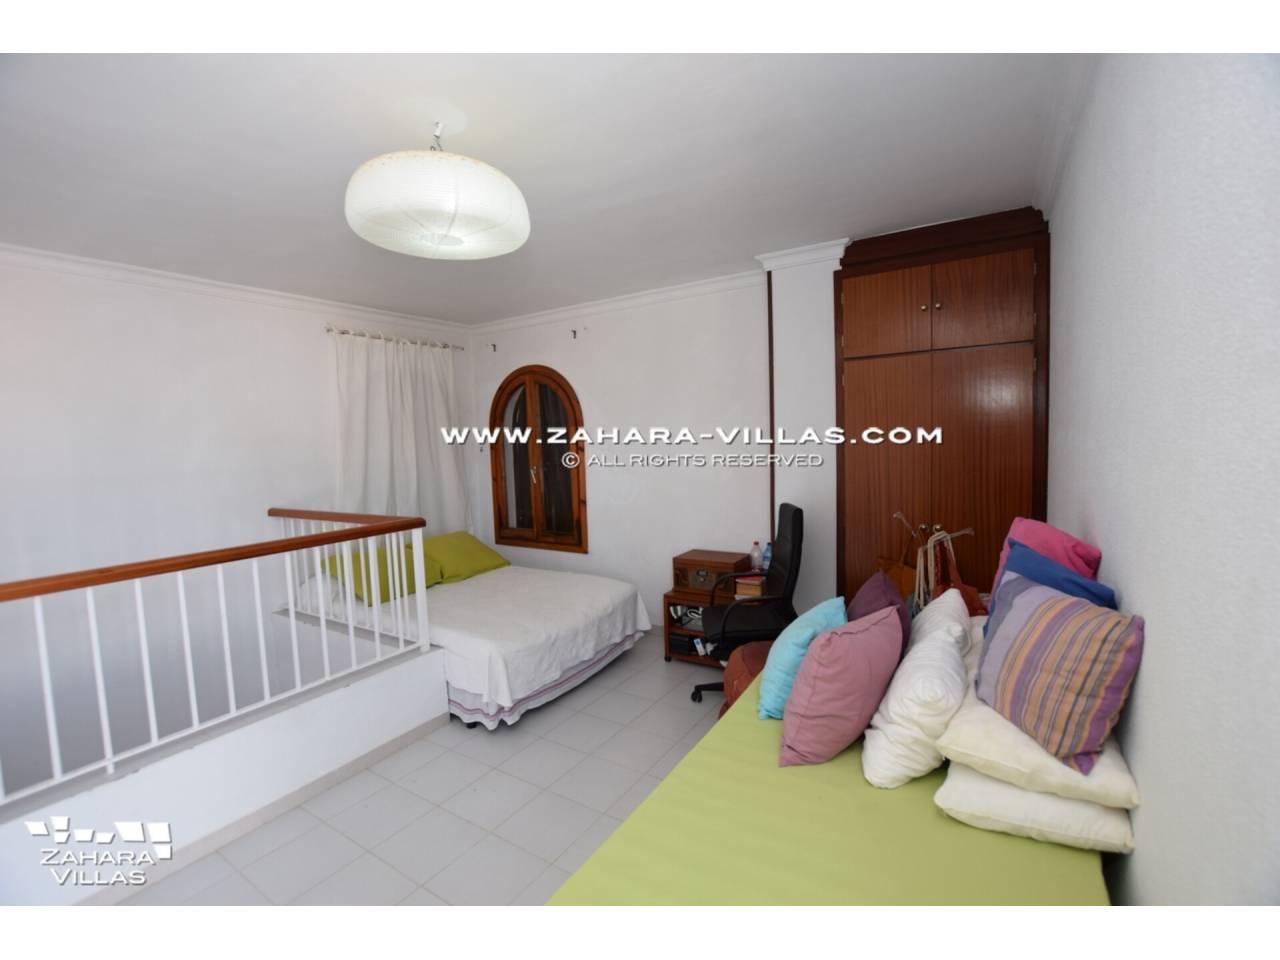 Imagen 34 de Casa en venta en segunda línea de playa, con vistas al mar en Zahara de los Atunes